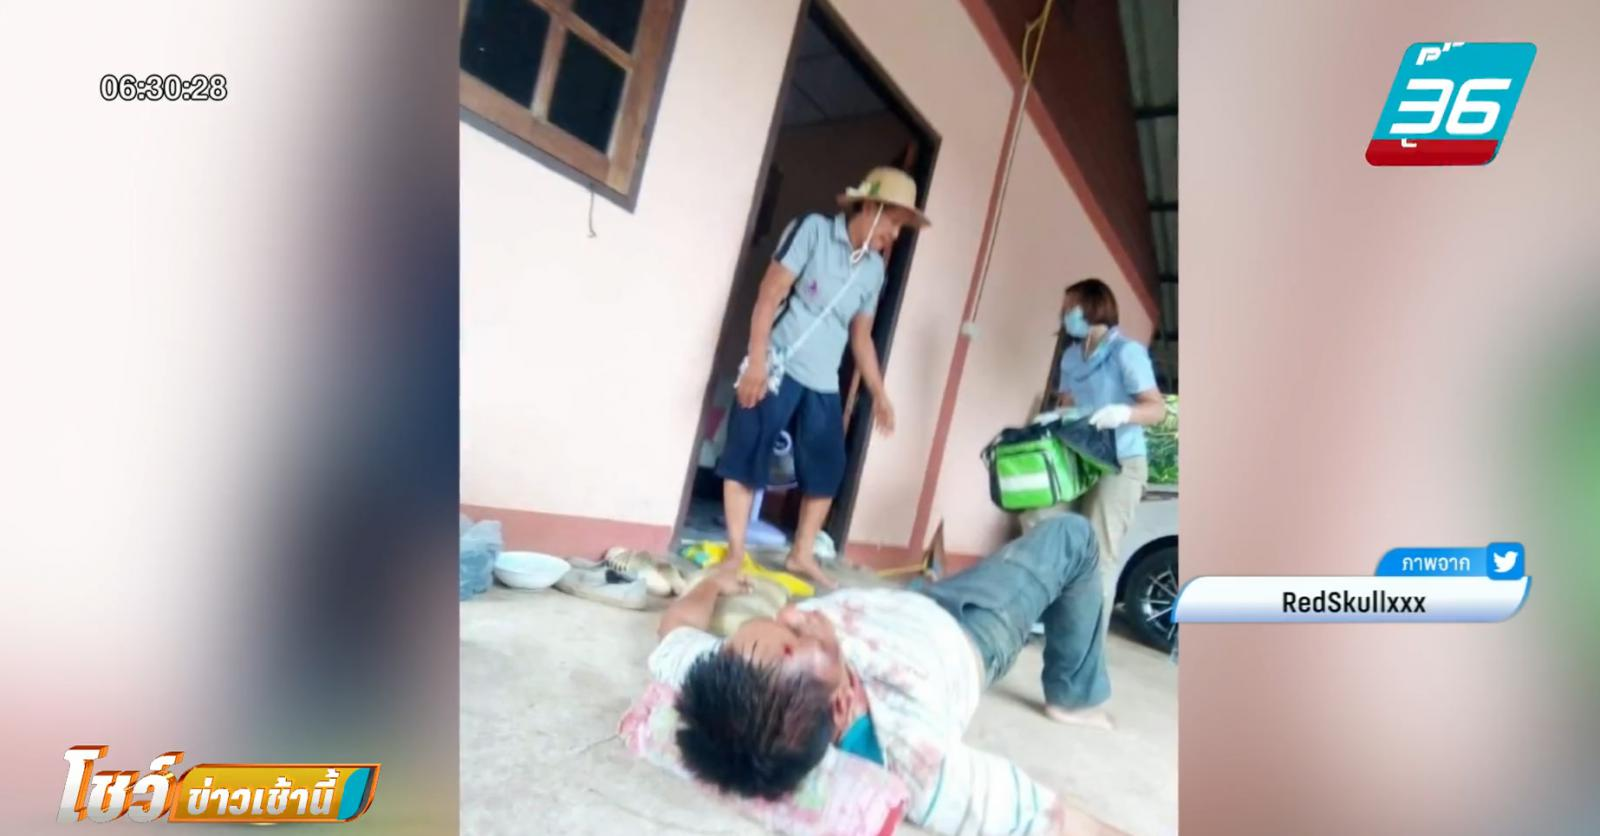 ผู้กองปูเค็ม ถูกทำร้ายที่ฉะเชิงเทราหลังนำจับตู้สล็อต